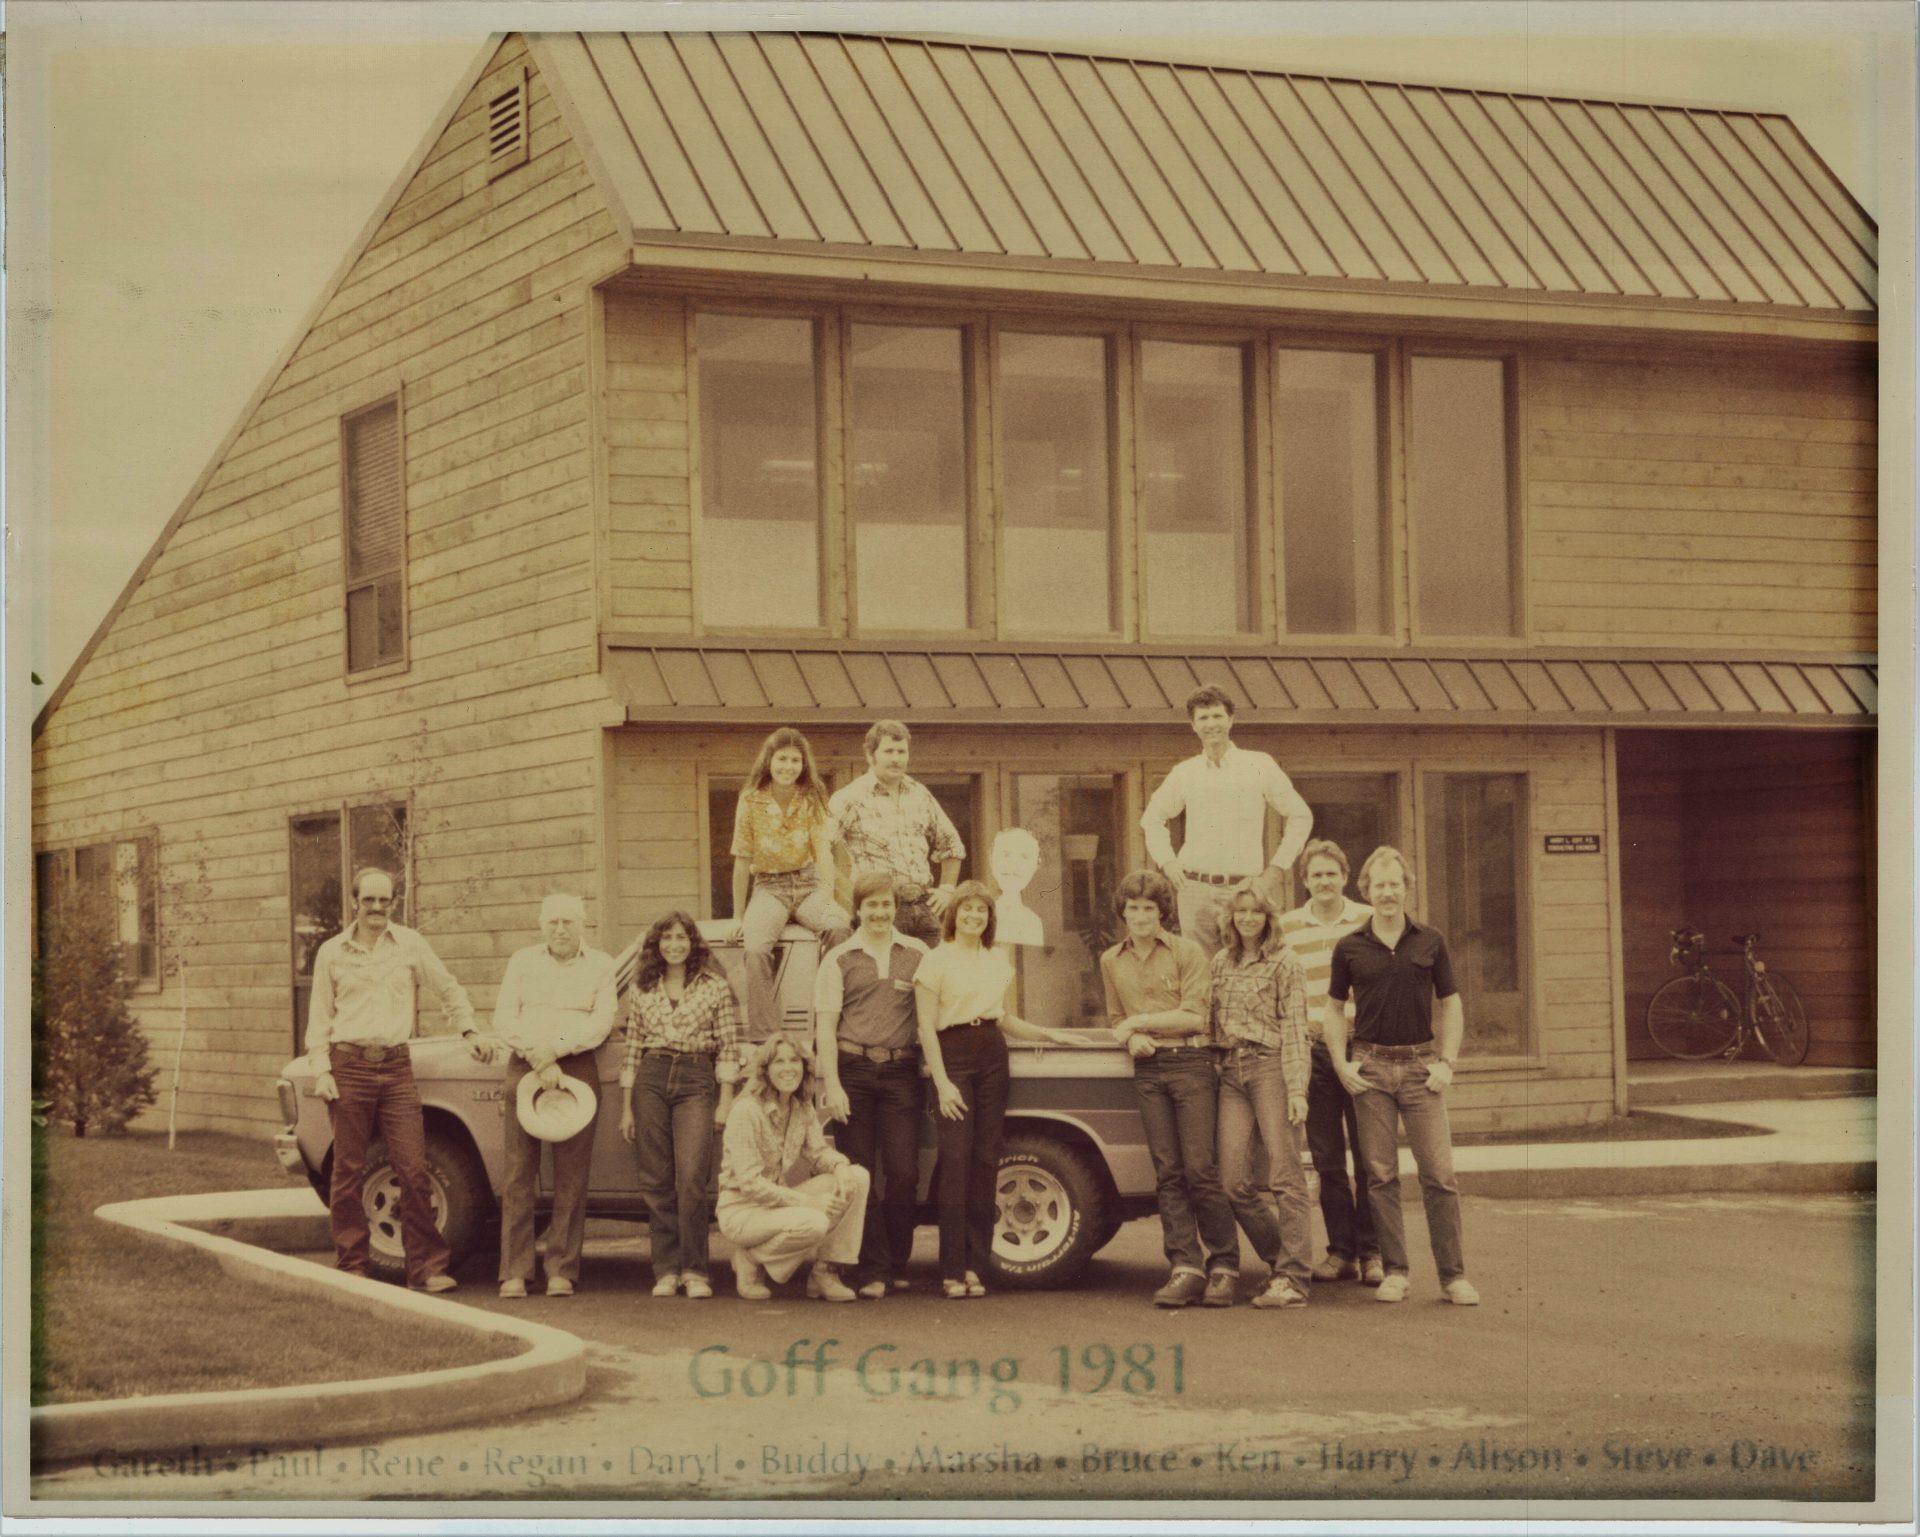 1981 Goff Gang